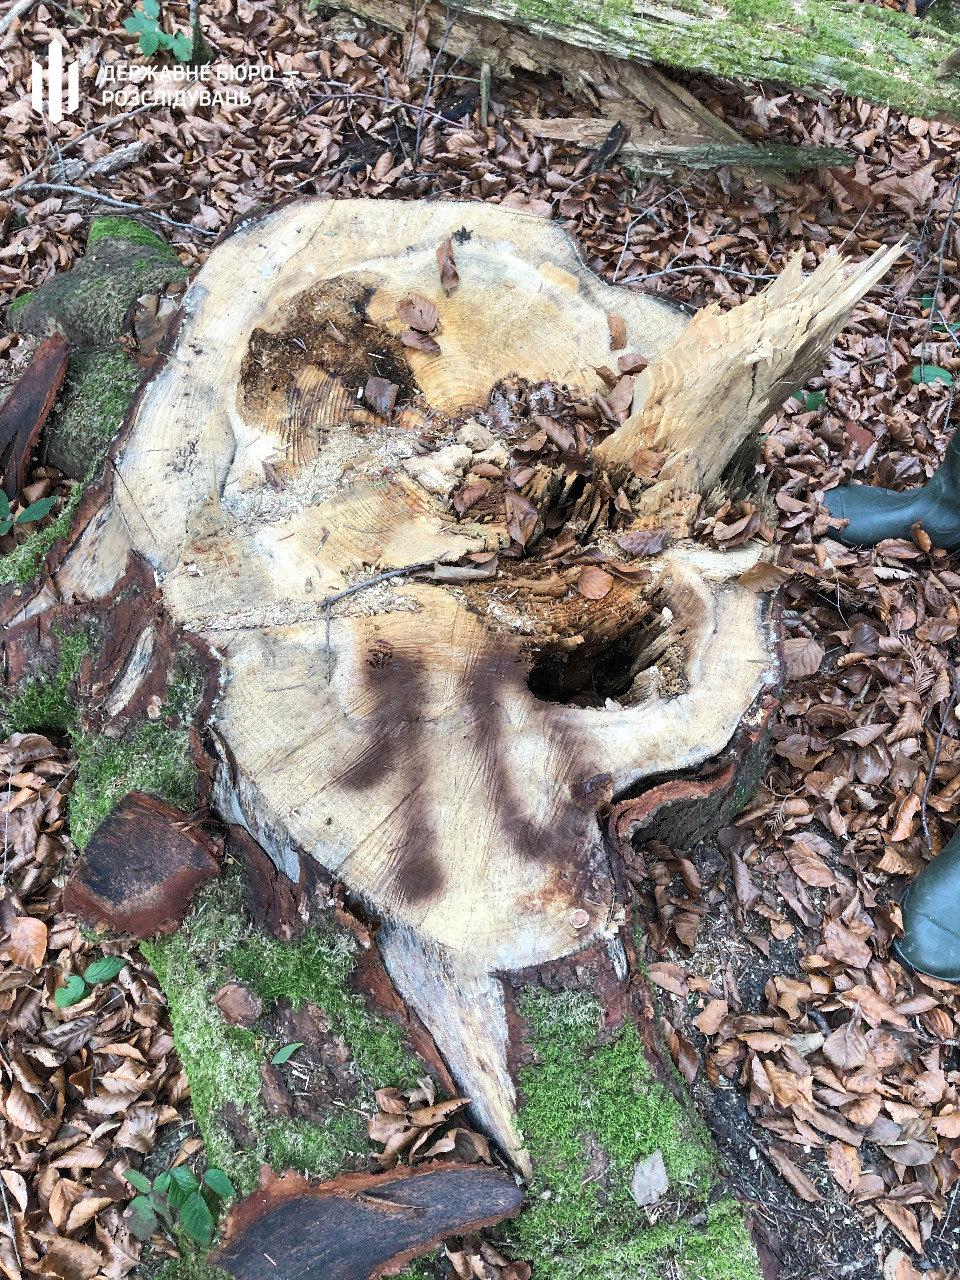 Понад 2 мільйони гривень збитків – ДБР у Хмельницькому повідомило про підозру майстру лісу, фото-3